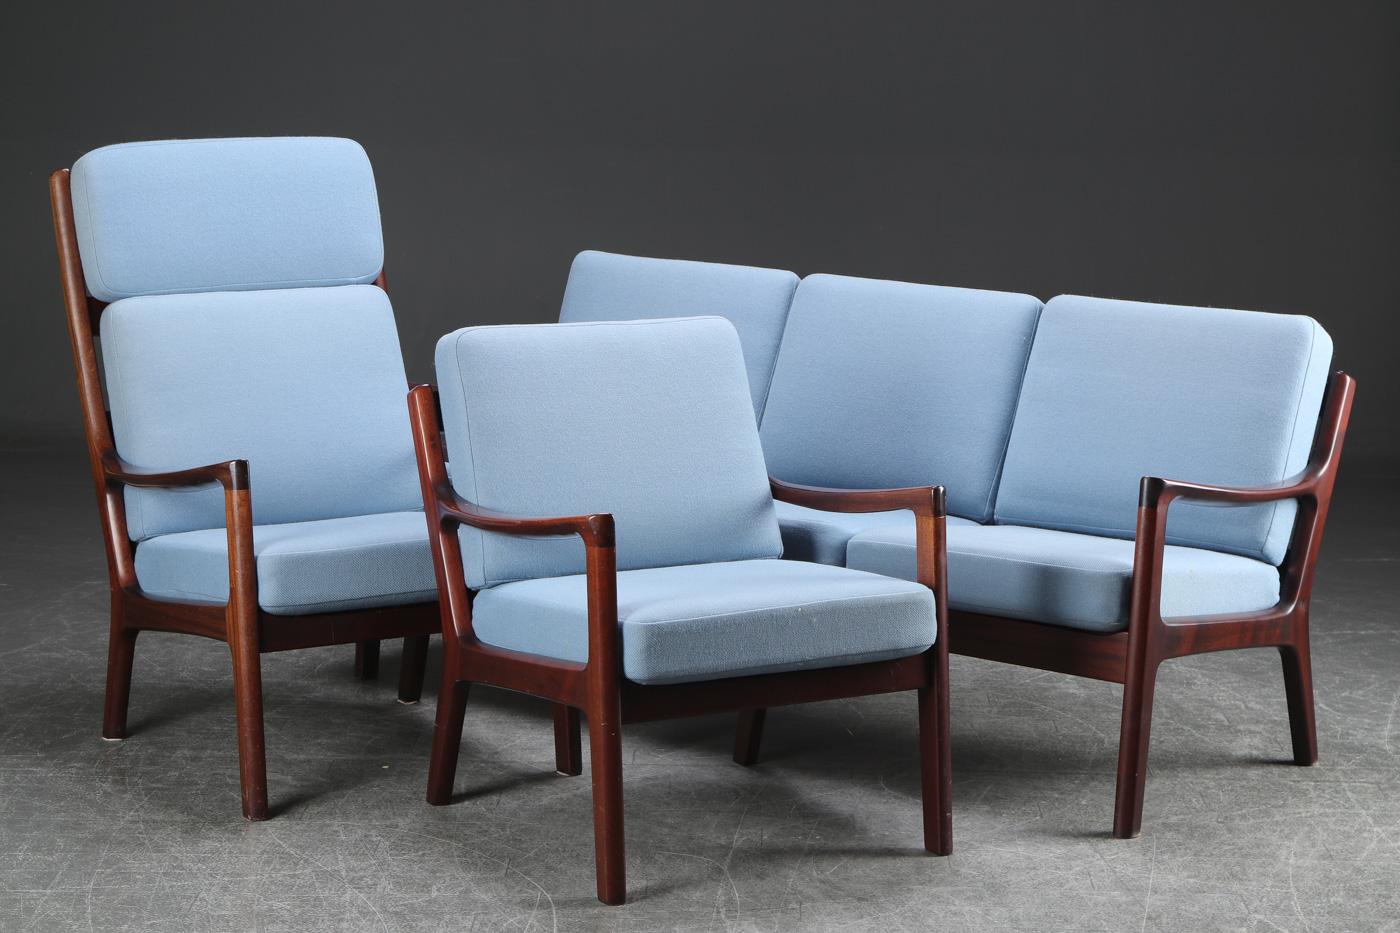 Ole Wanscher. Tre-pers sofa samt to lænestole, Senator serien - Ole Wanscher. Tre-pers. sofa med stel af mahogni, løse hynder betrukket med møbelstof, H. 84 B. 182 sædehøjde 45 cm. To tilhørende lænestole mål hhv. H. 108 B. 68 sædehøjde 45 cm. samt H. 82 B. 68 sædehøjde 45 cm. Fremstillet hos P....